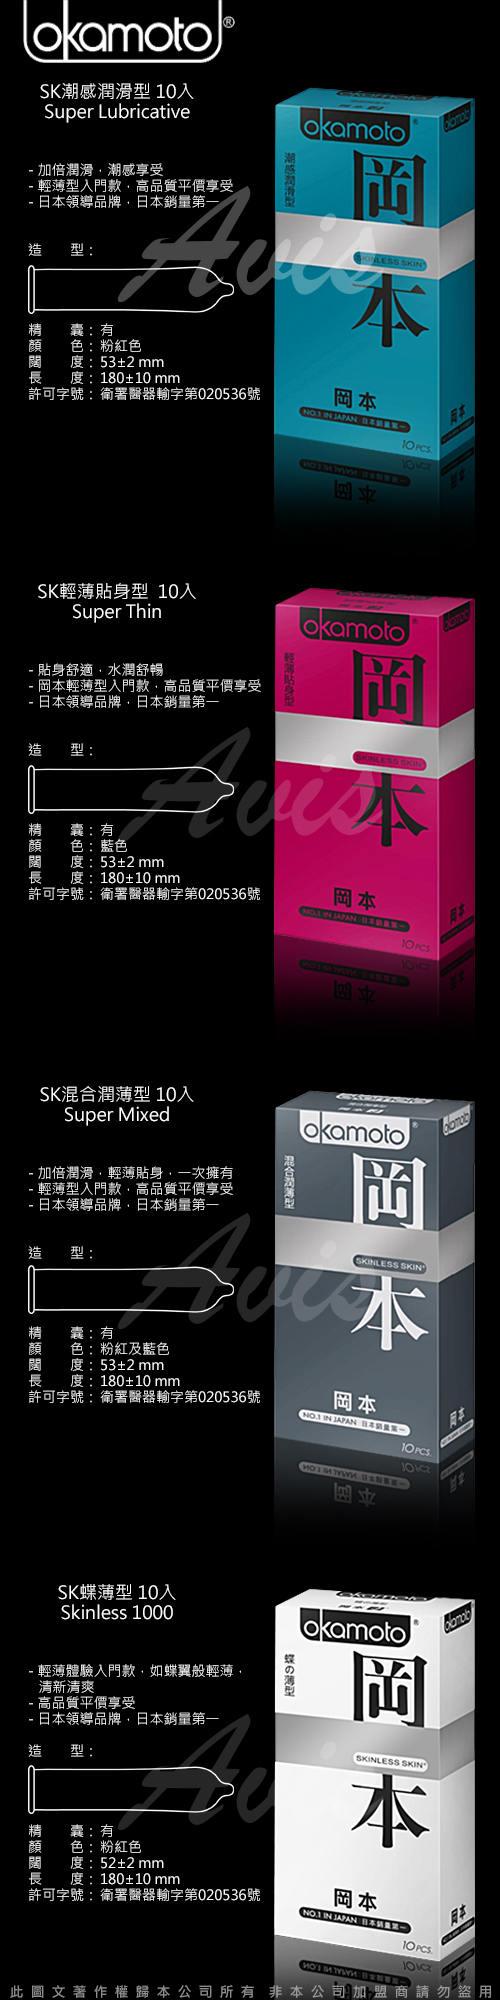 【保險套大特賣】岡本OK Okamoto Skinless系列保險套超值組 蝶薄+輕薄貼身+潮感潤滑+混合潤薄(4盒/組)